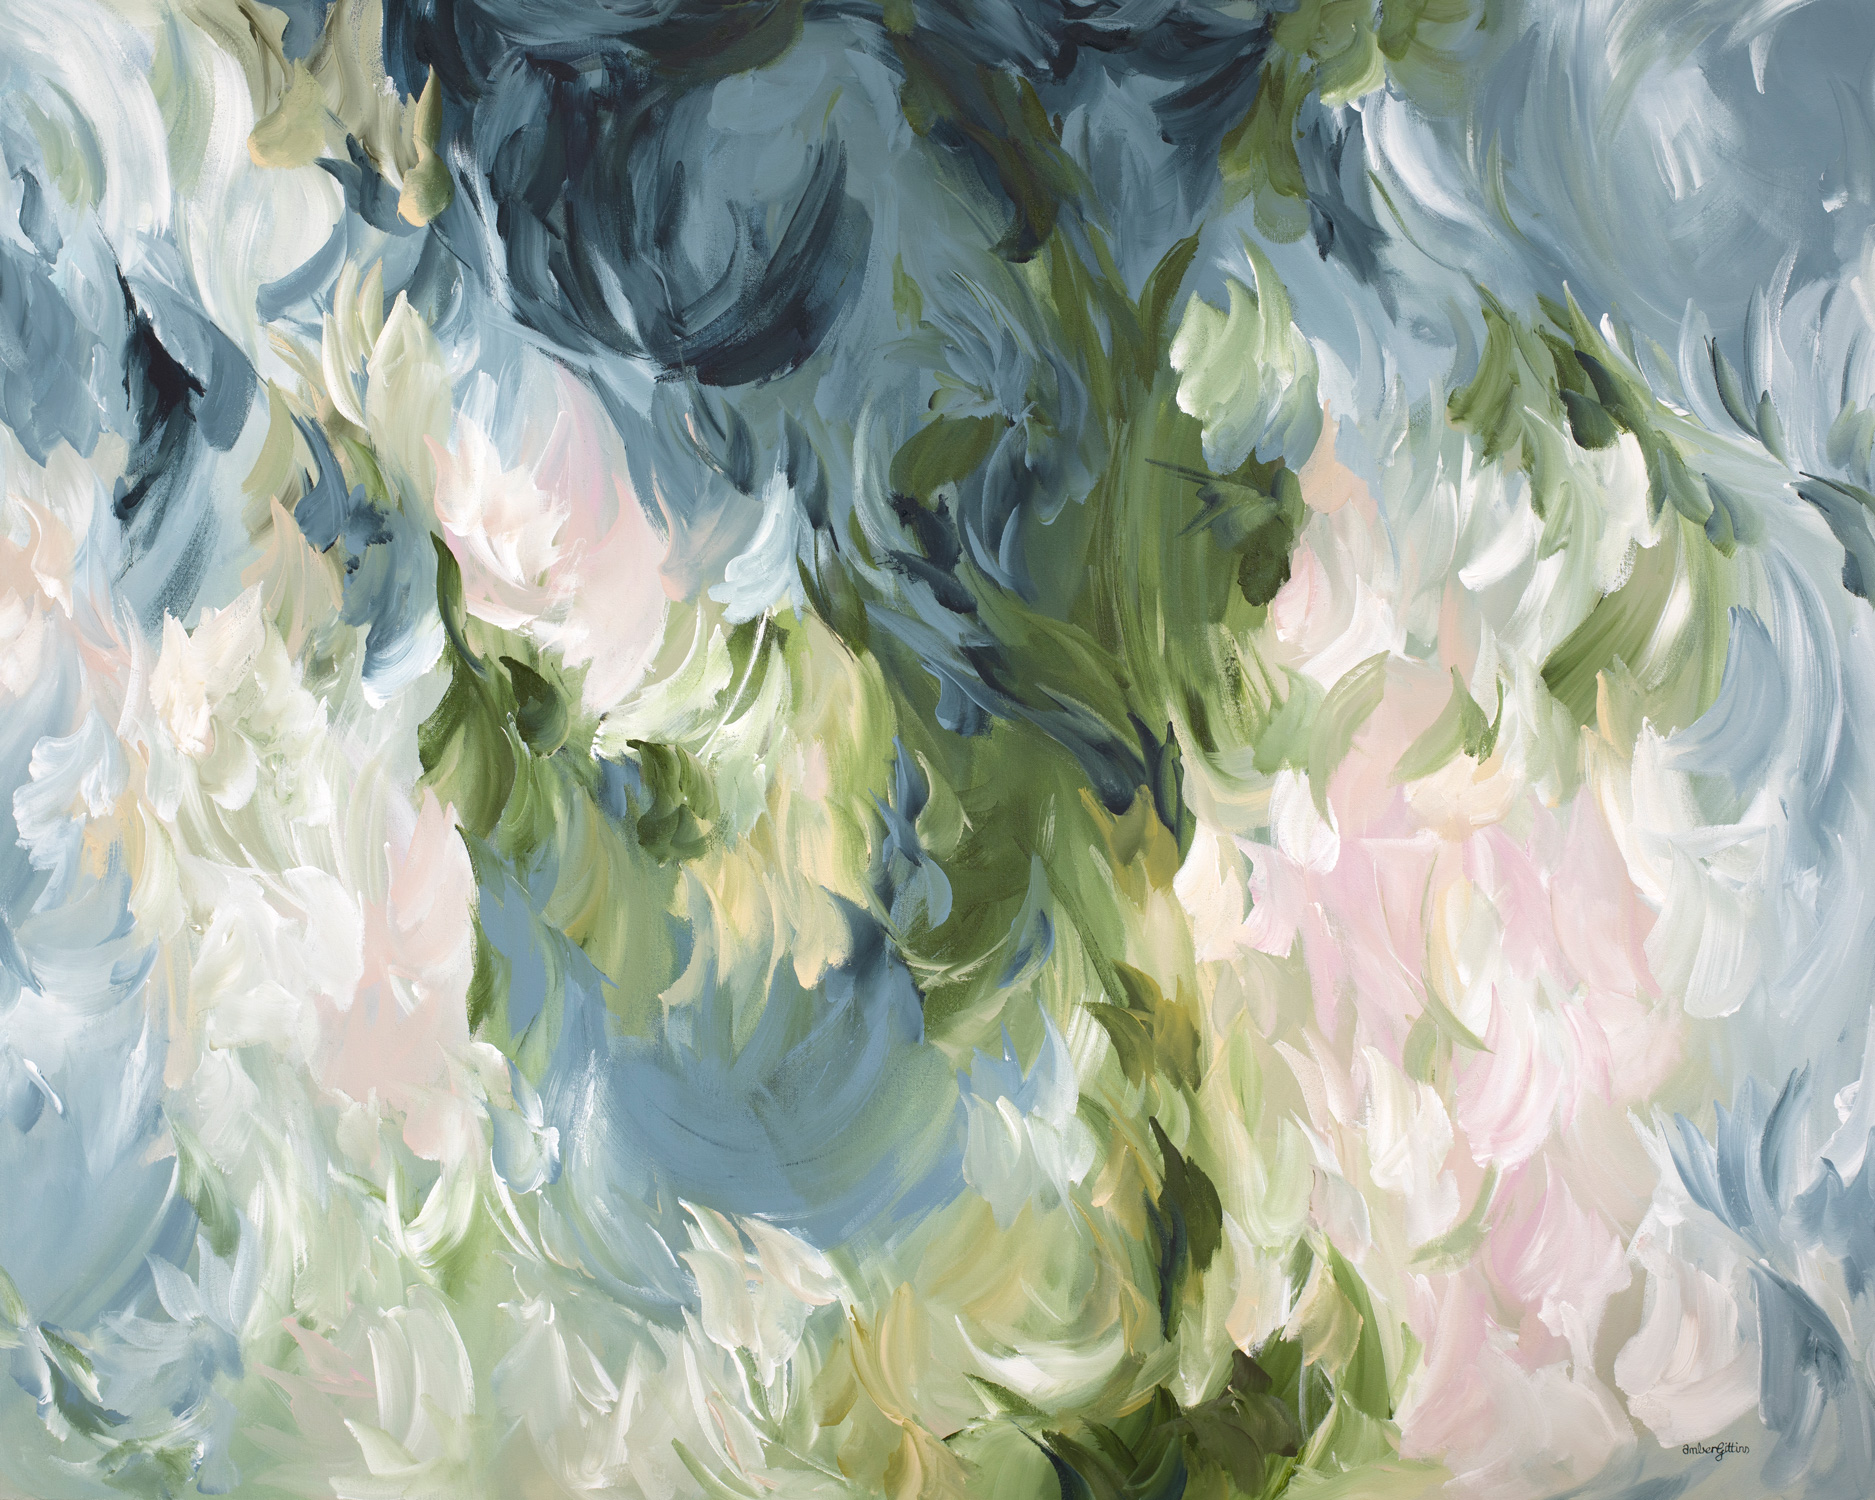 Candy Floss By Amber Gittins